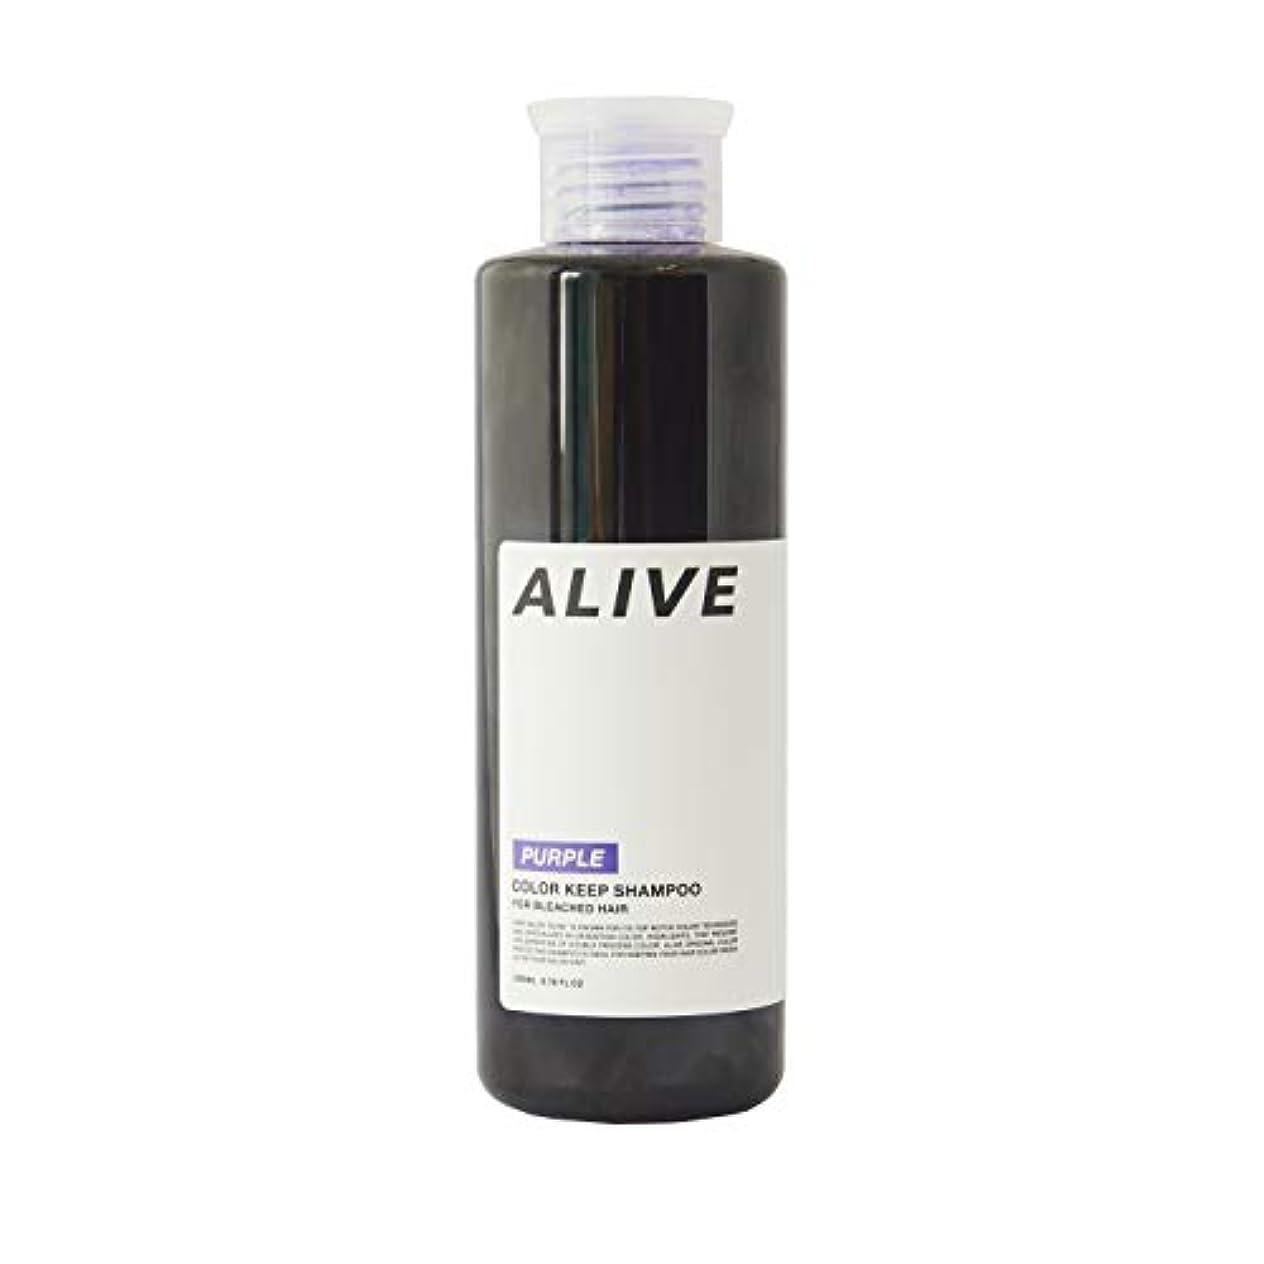 いつか主流機密ALIVE アライブ カラーシャンプー 極濃 紫シャンプー 200ml ムラサキ パープル ムラシャン ムラサキシャンプー